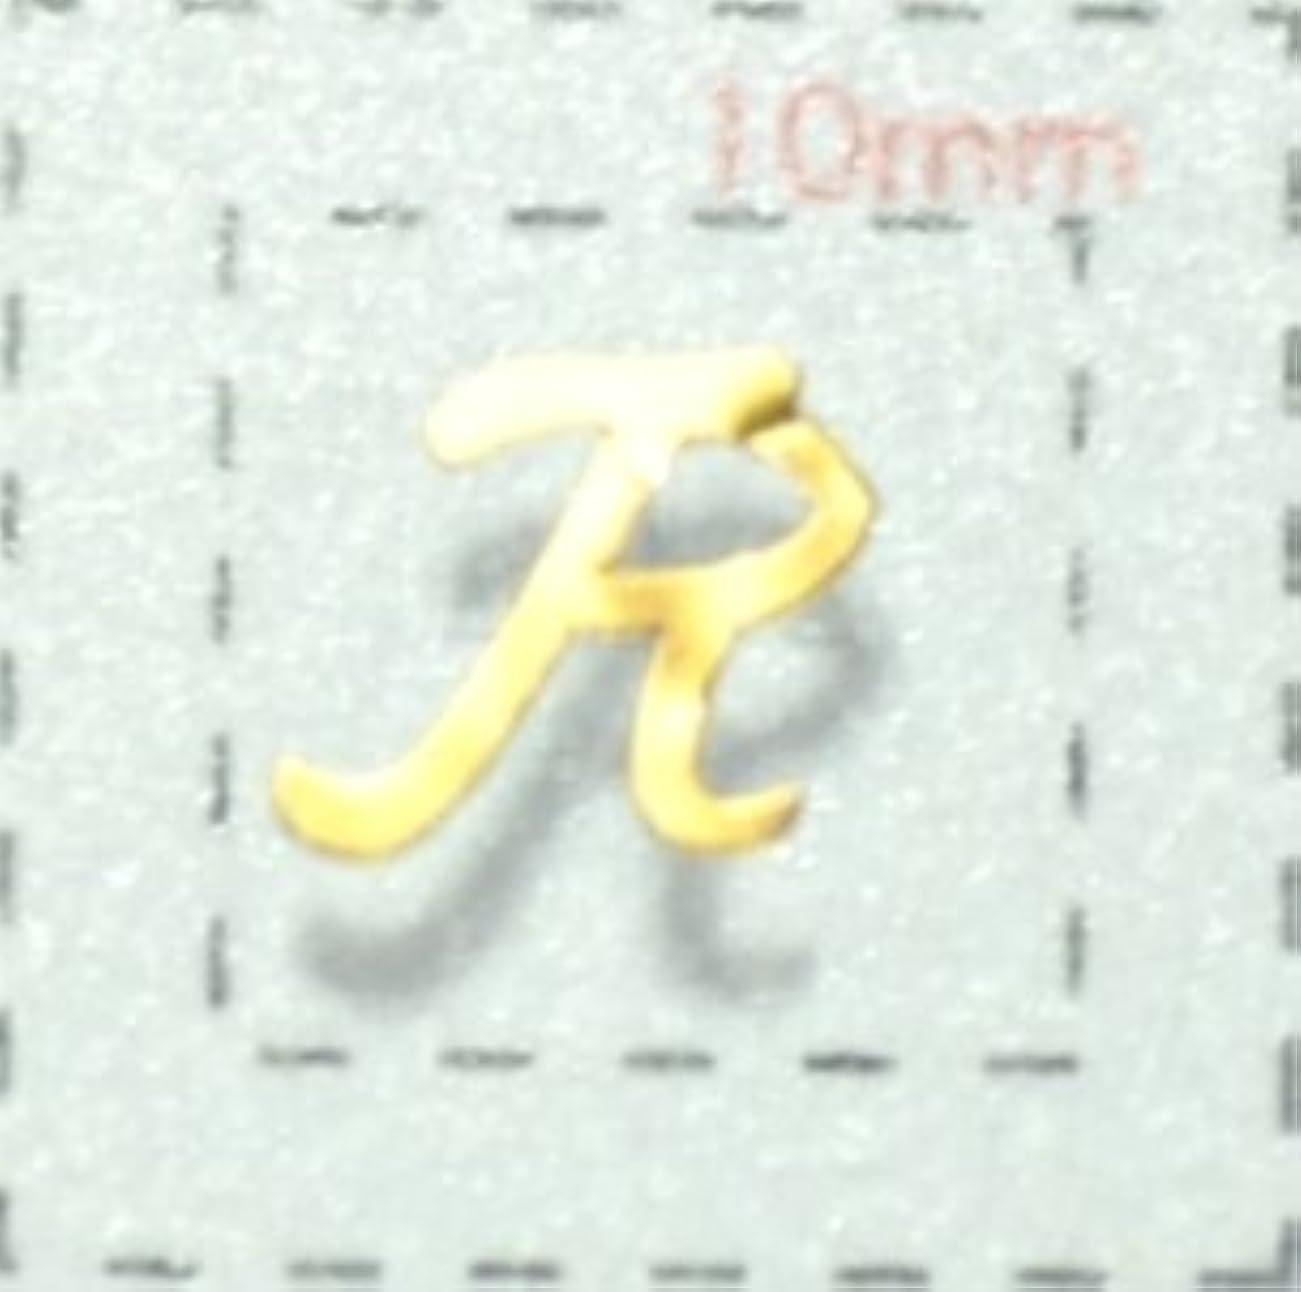 爆発する不適美しいネイルシール【アルファベット】5筆記体(R)GD/各1シート9枚入